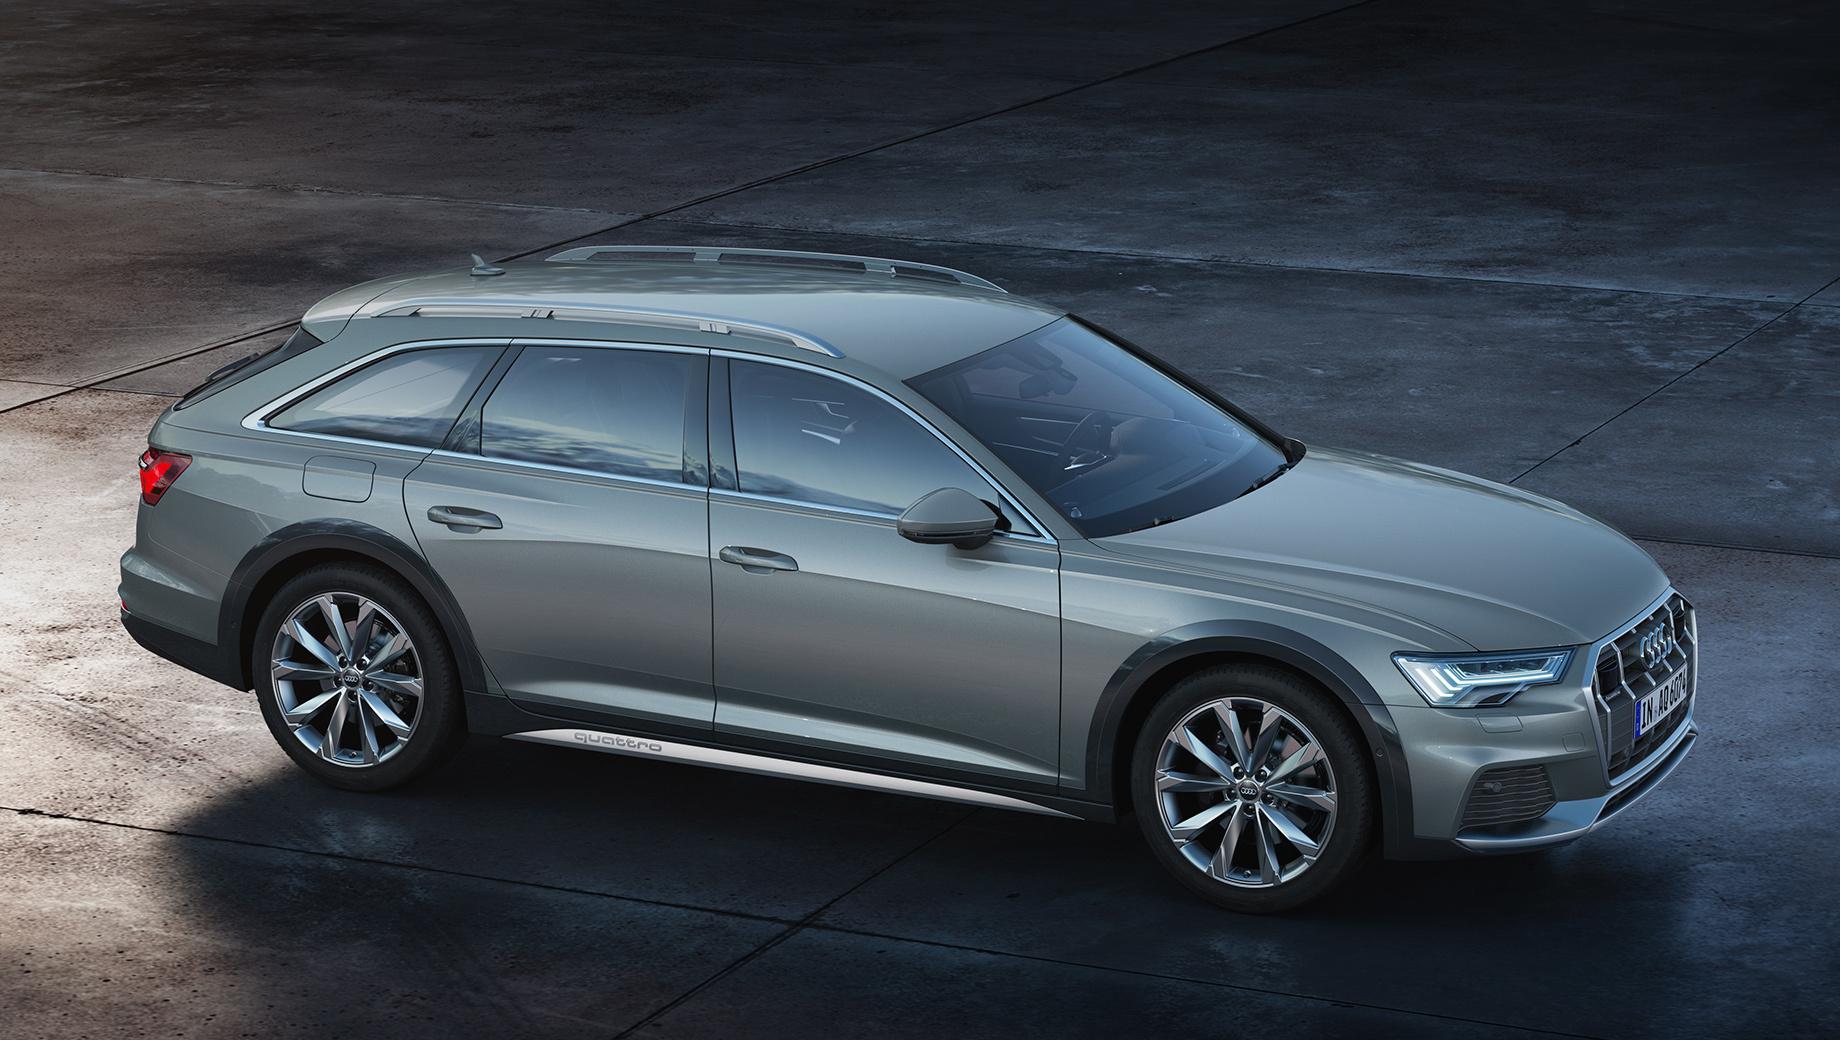 Audi a6,Audi a6 avant,Audi a6 allroad. На бензиновые 340-сильные Олроуды ставится подключаемый полный привод quattro ultra, а на версии с дизелем V6 ― постоянный полный привод с межосевым дифференциалом Torsen. Адаптивная пневмоподвеска (базовое оснащение) позволяет менять клиренс в пределах 124–184 мм.